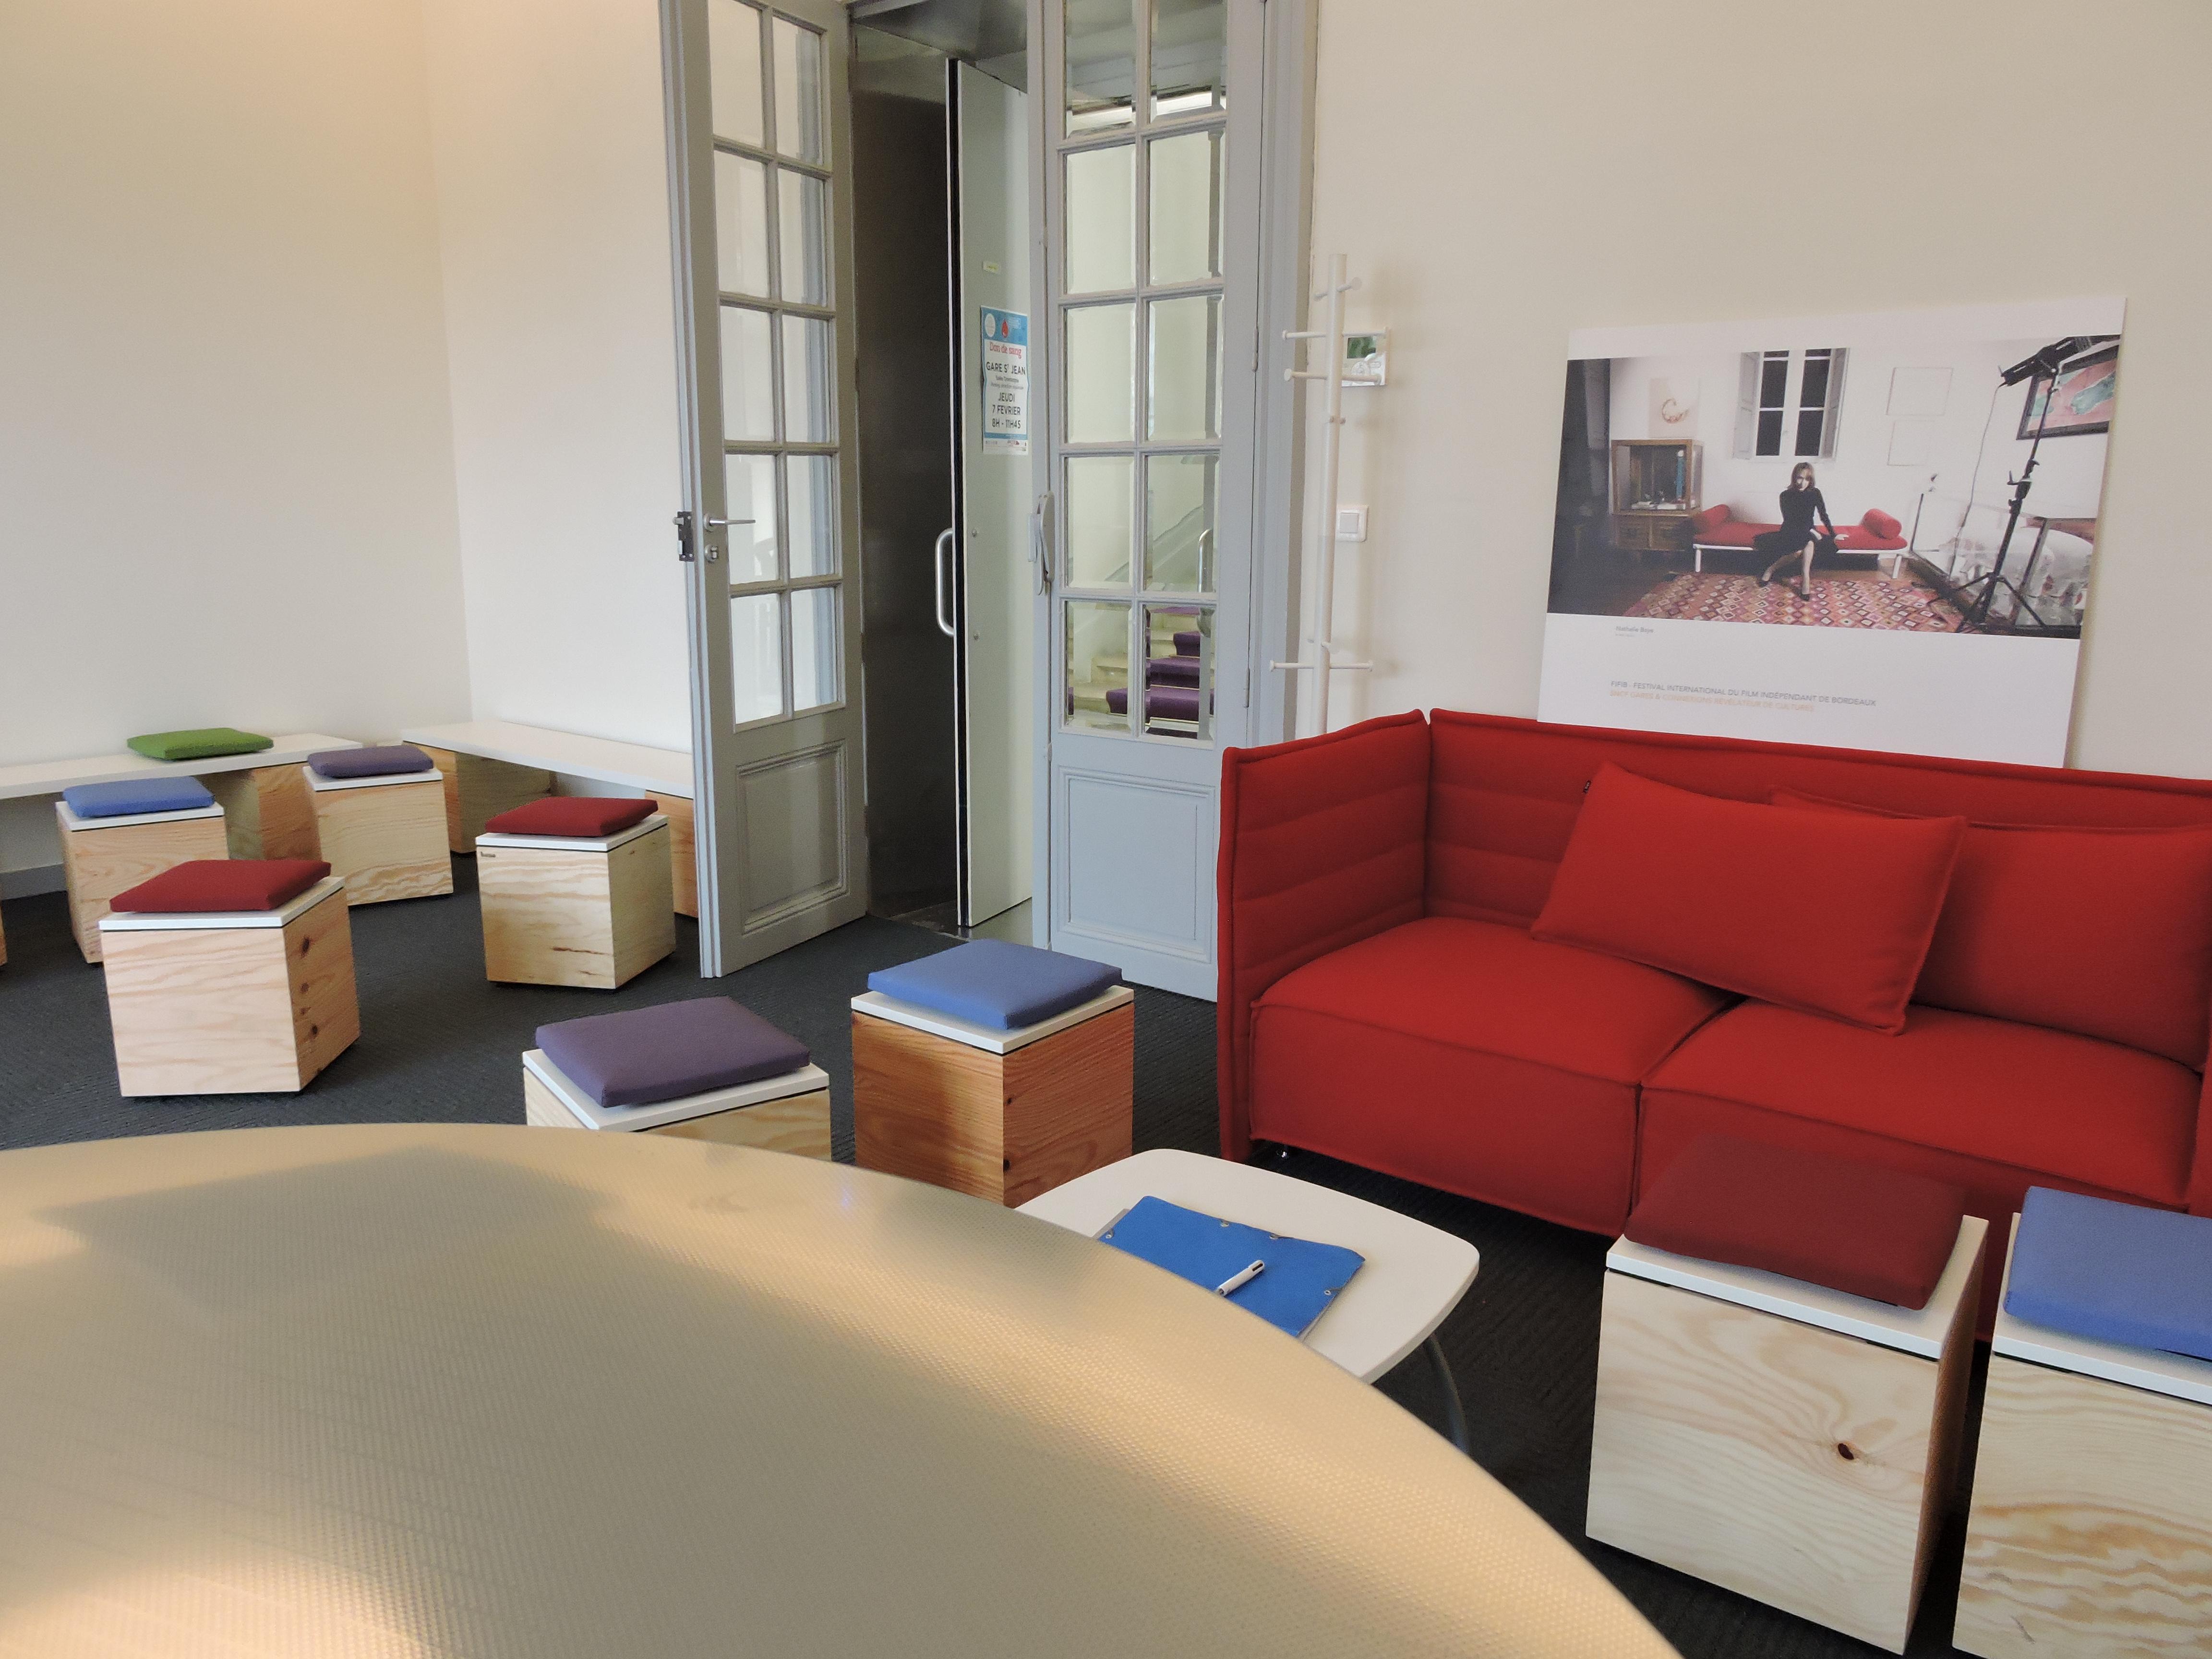 aménagement intérieur bureaux